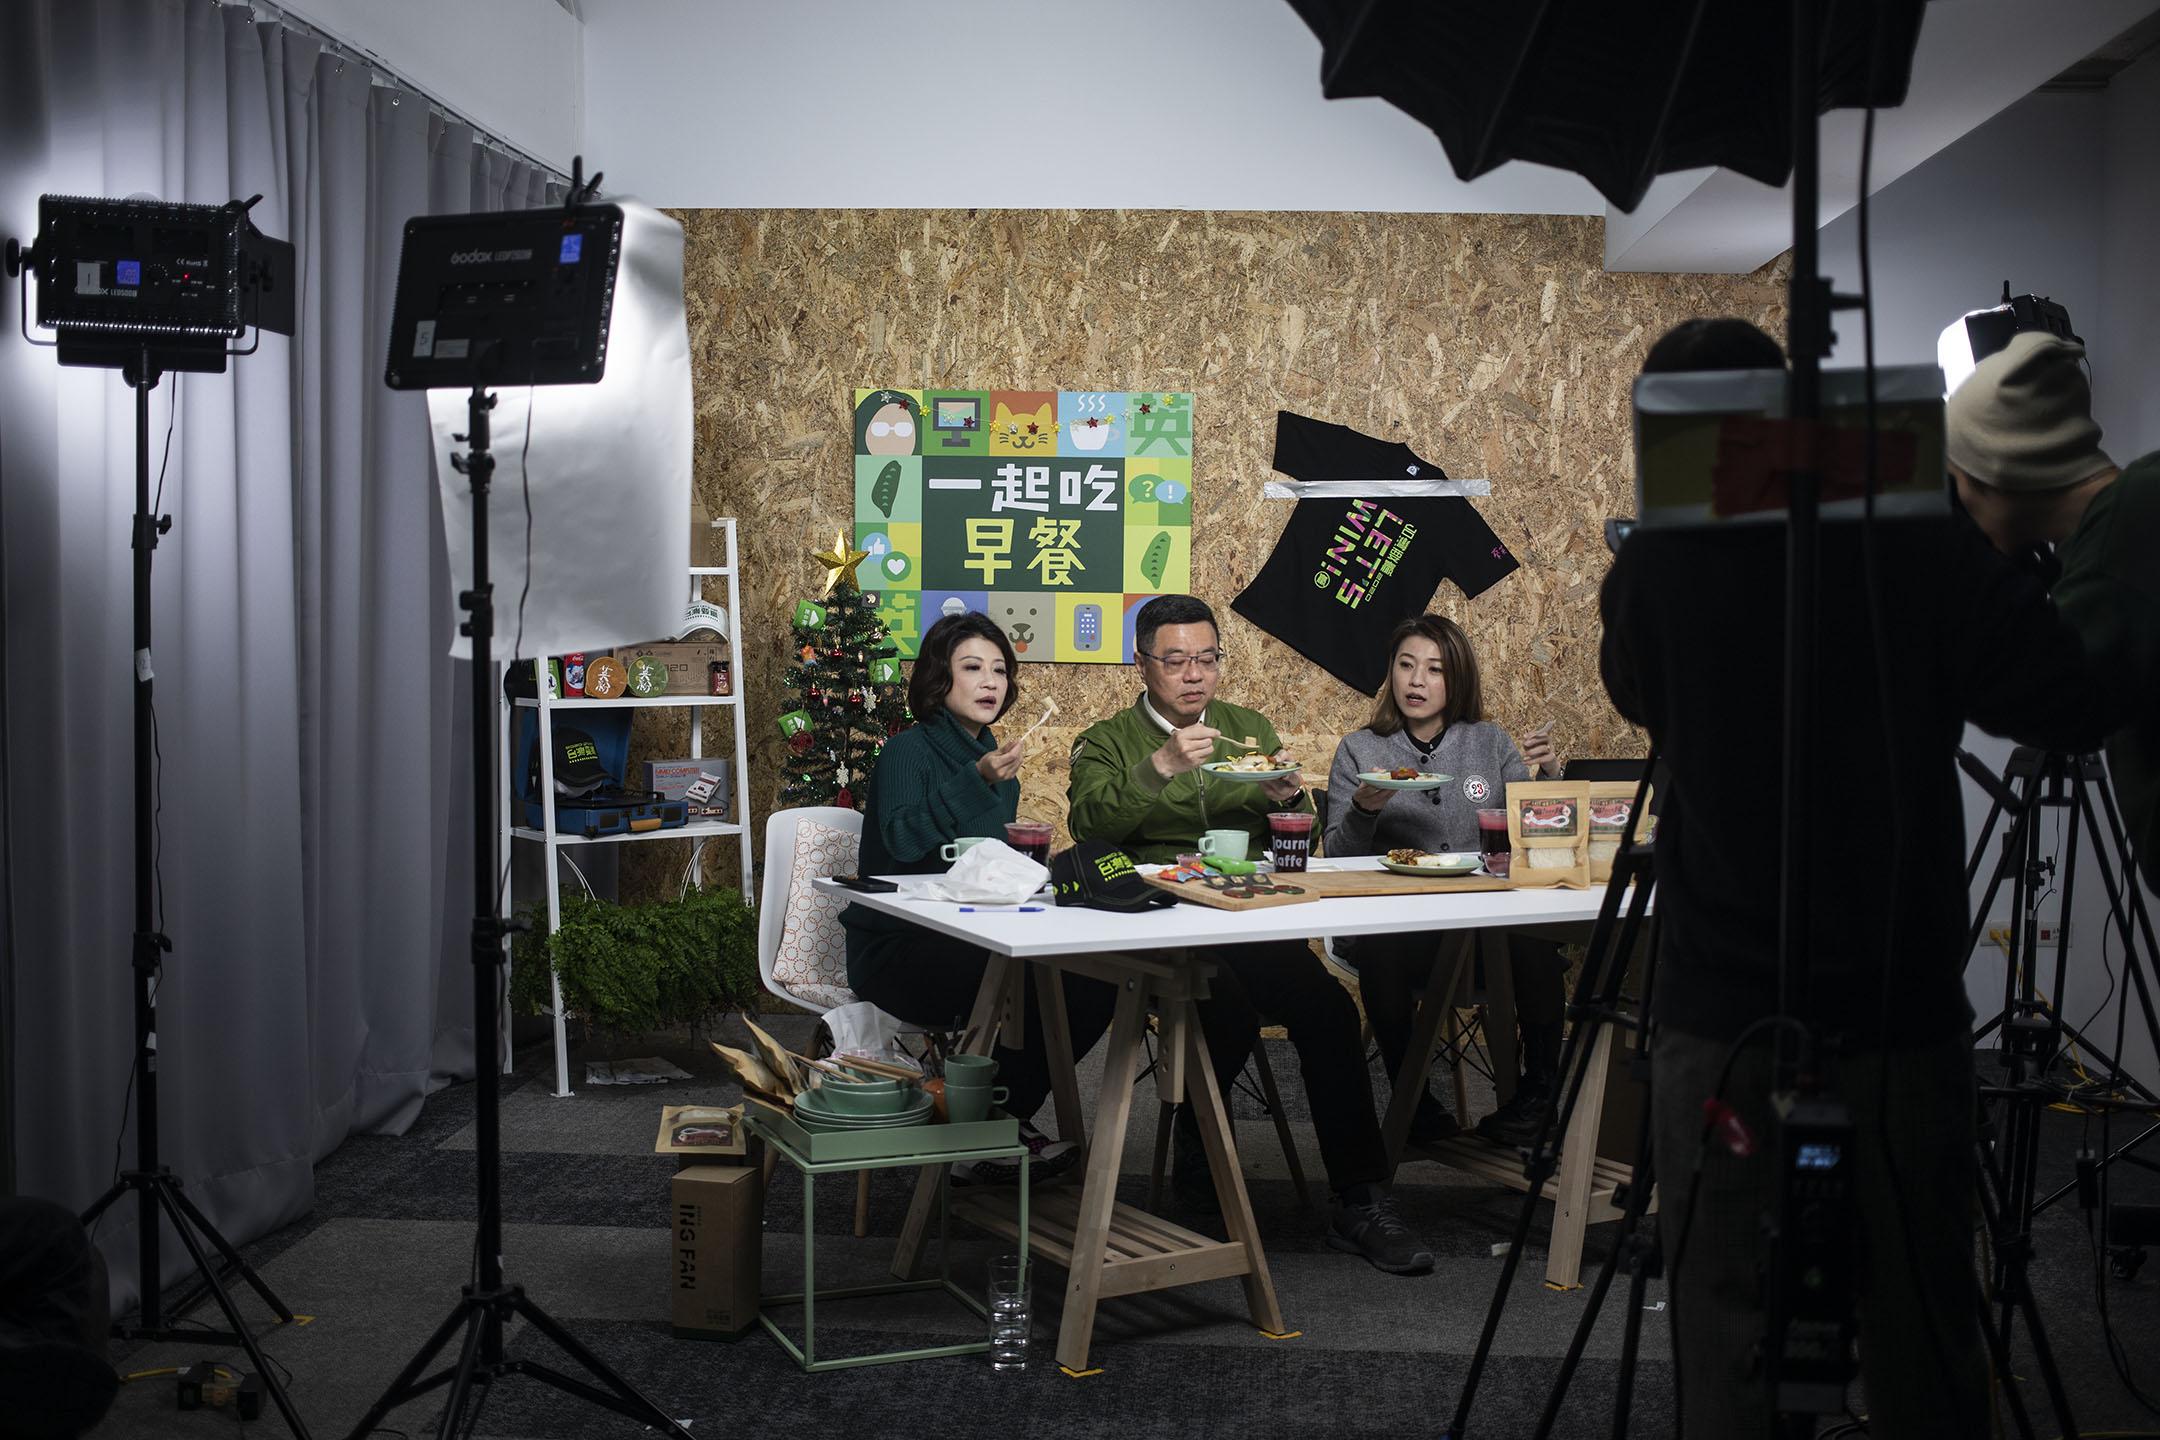 2019年12月31日,民進黨主席卓榮泰參與「一起吃早餐」的錄影。 攝:陳焯煇/端傳媒